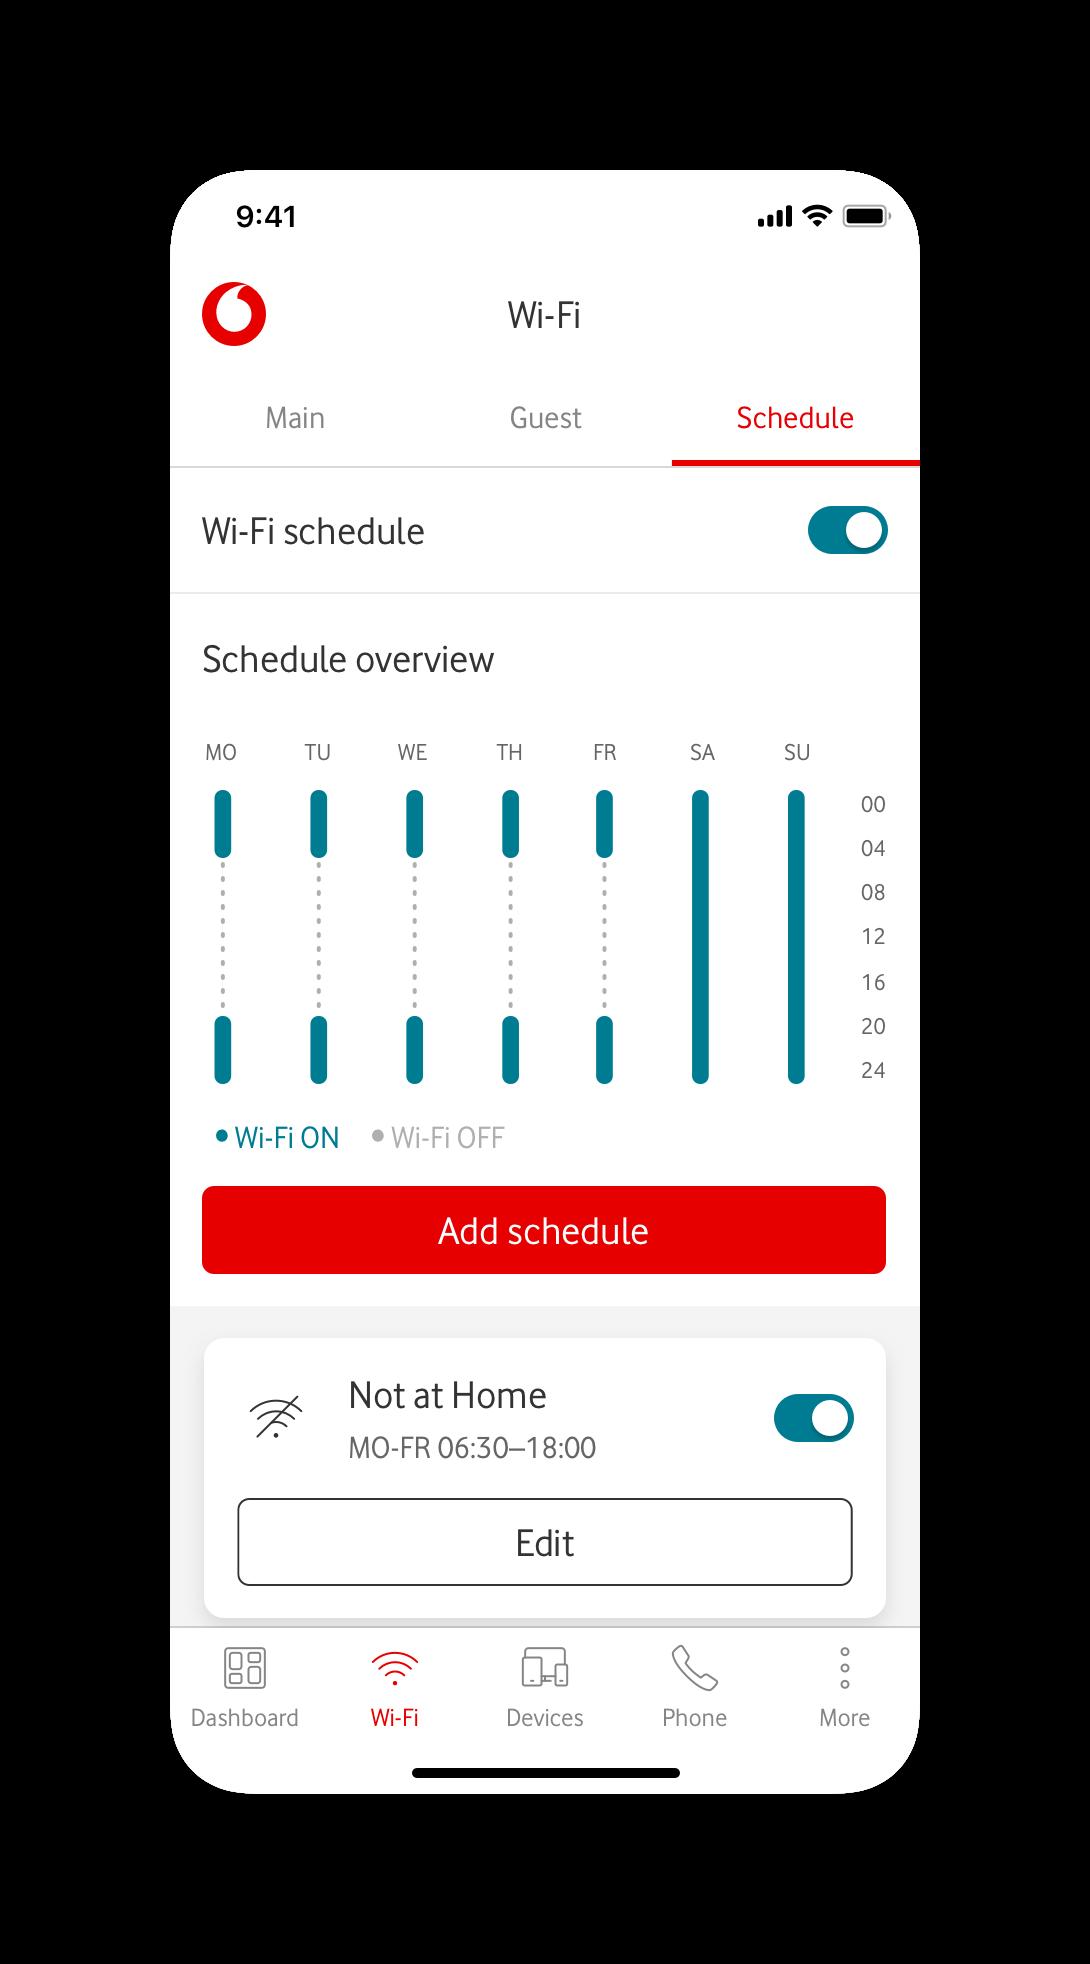 dashboard-vodafone-schedules@2x